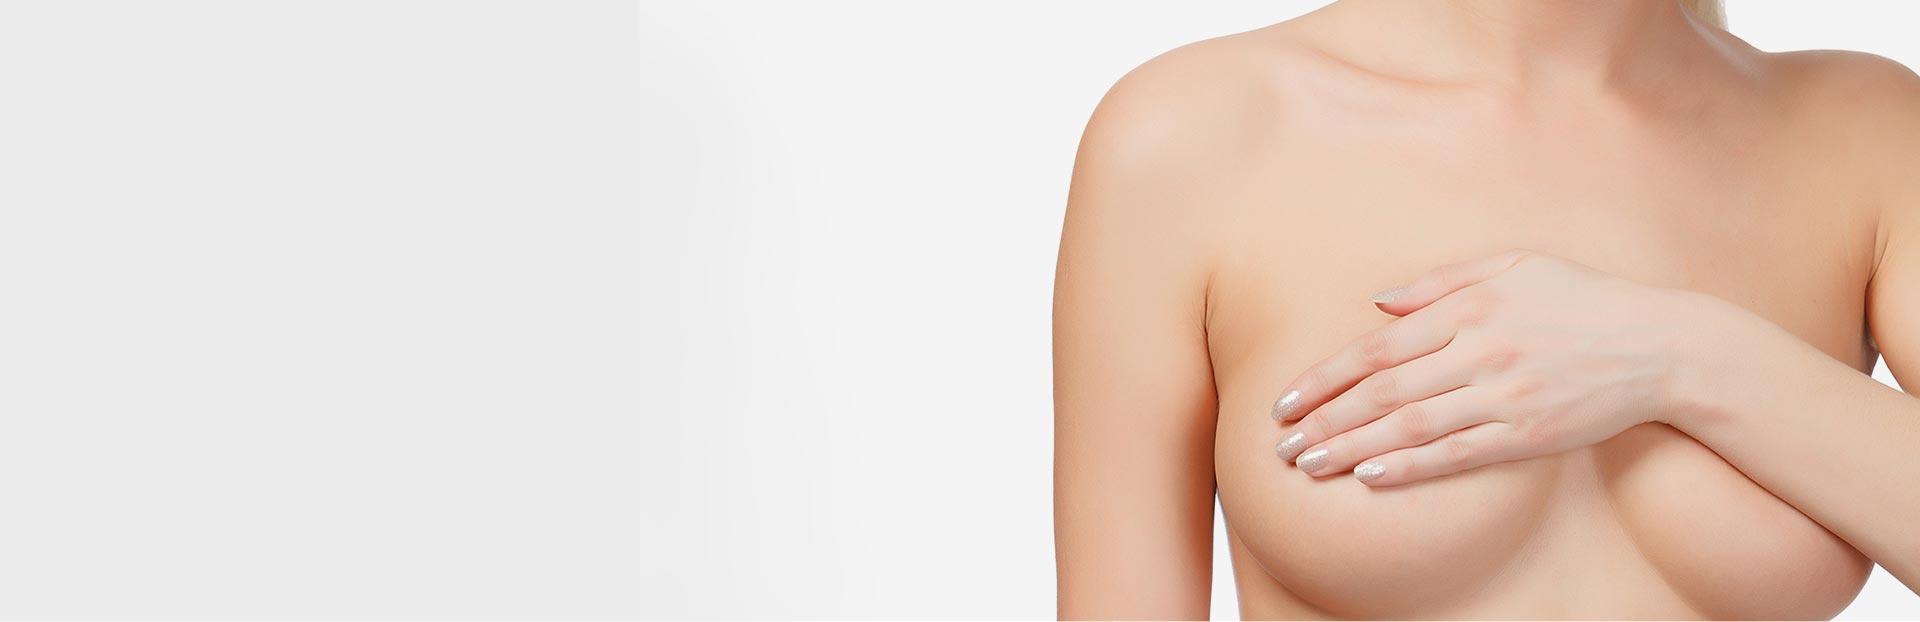 Breast augmentation in Miami